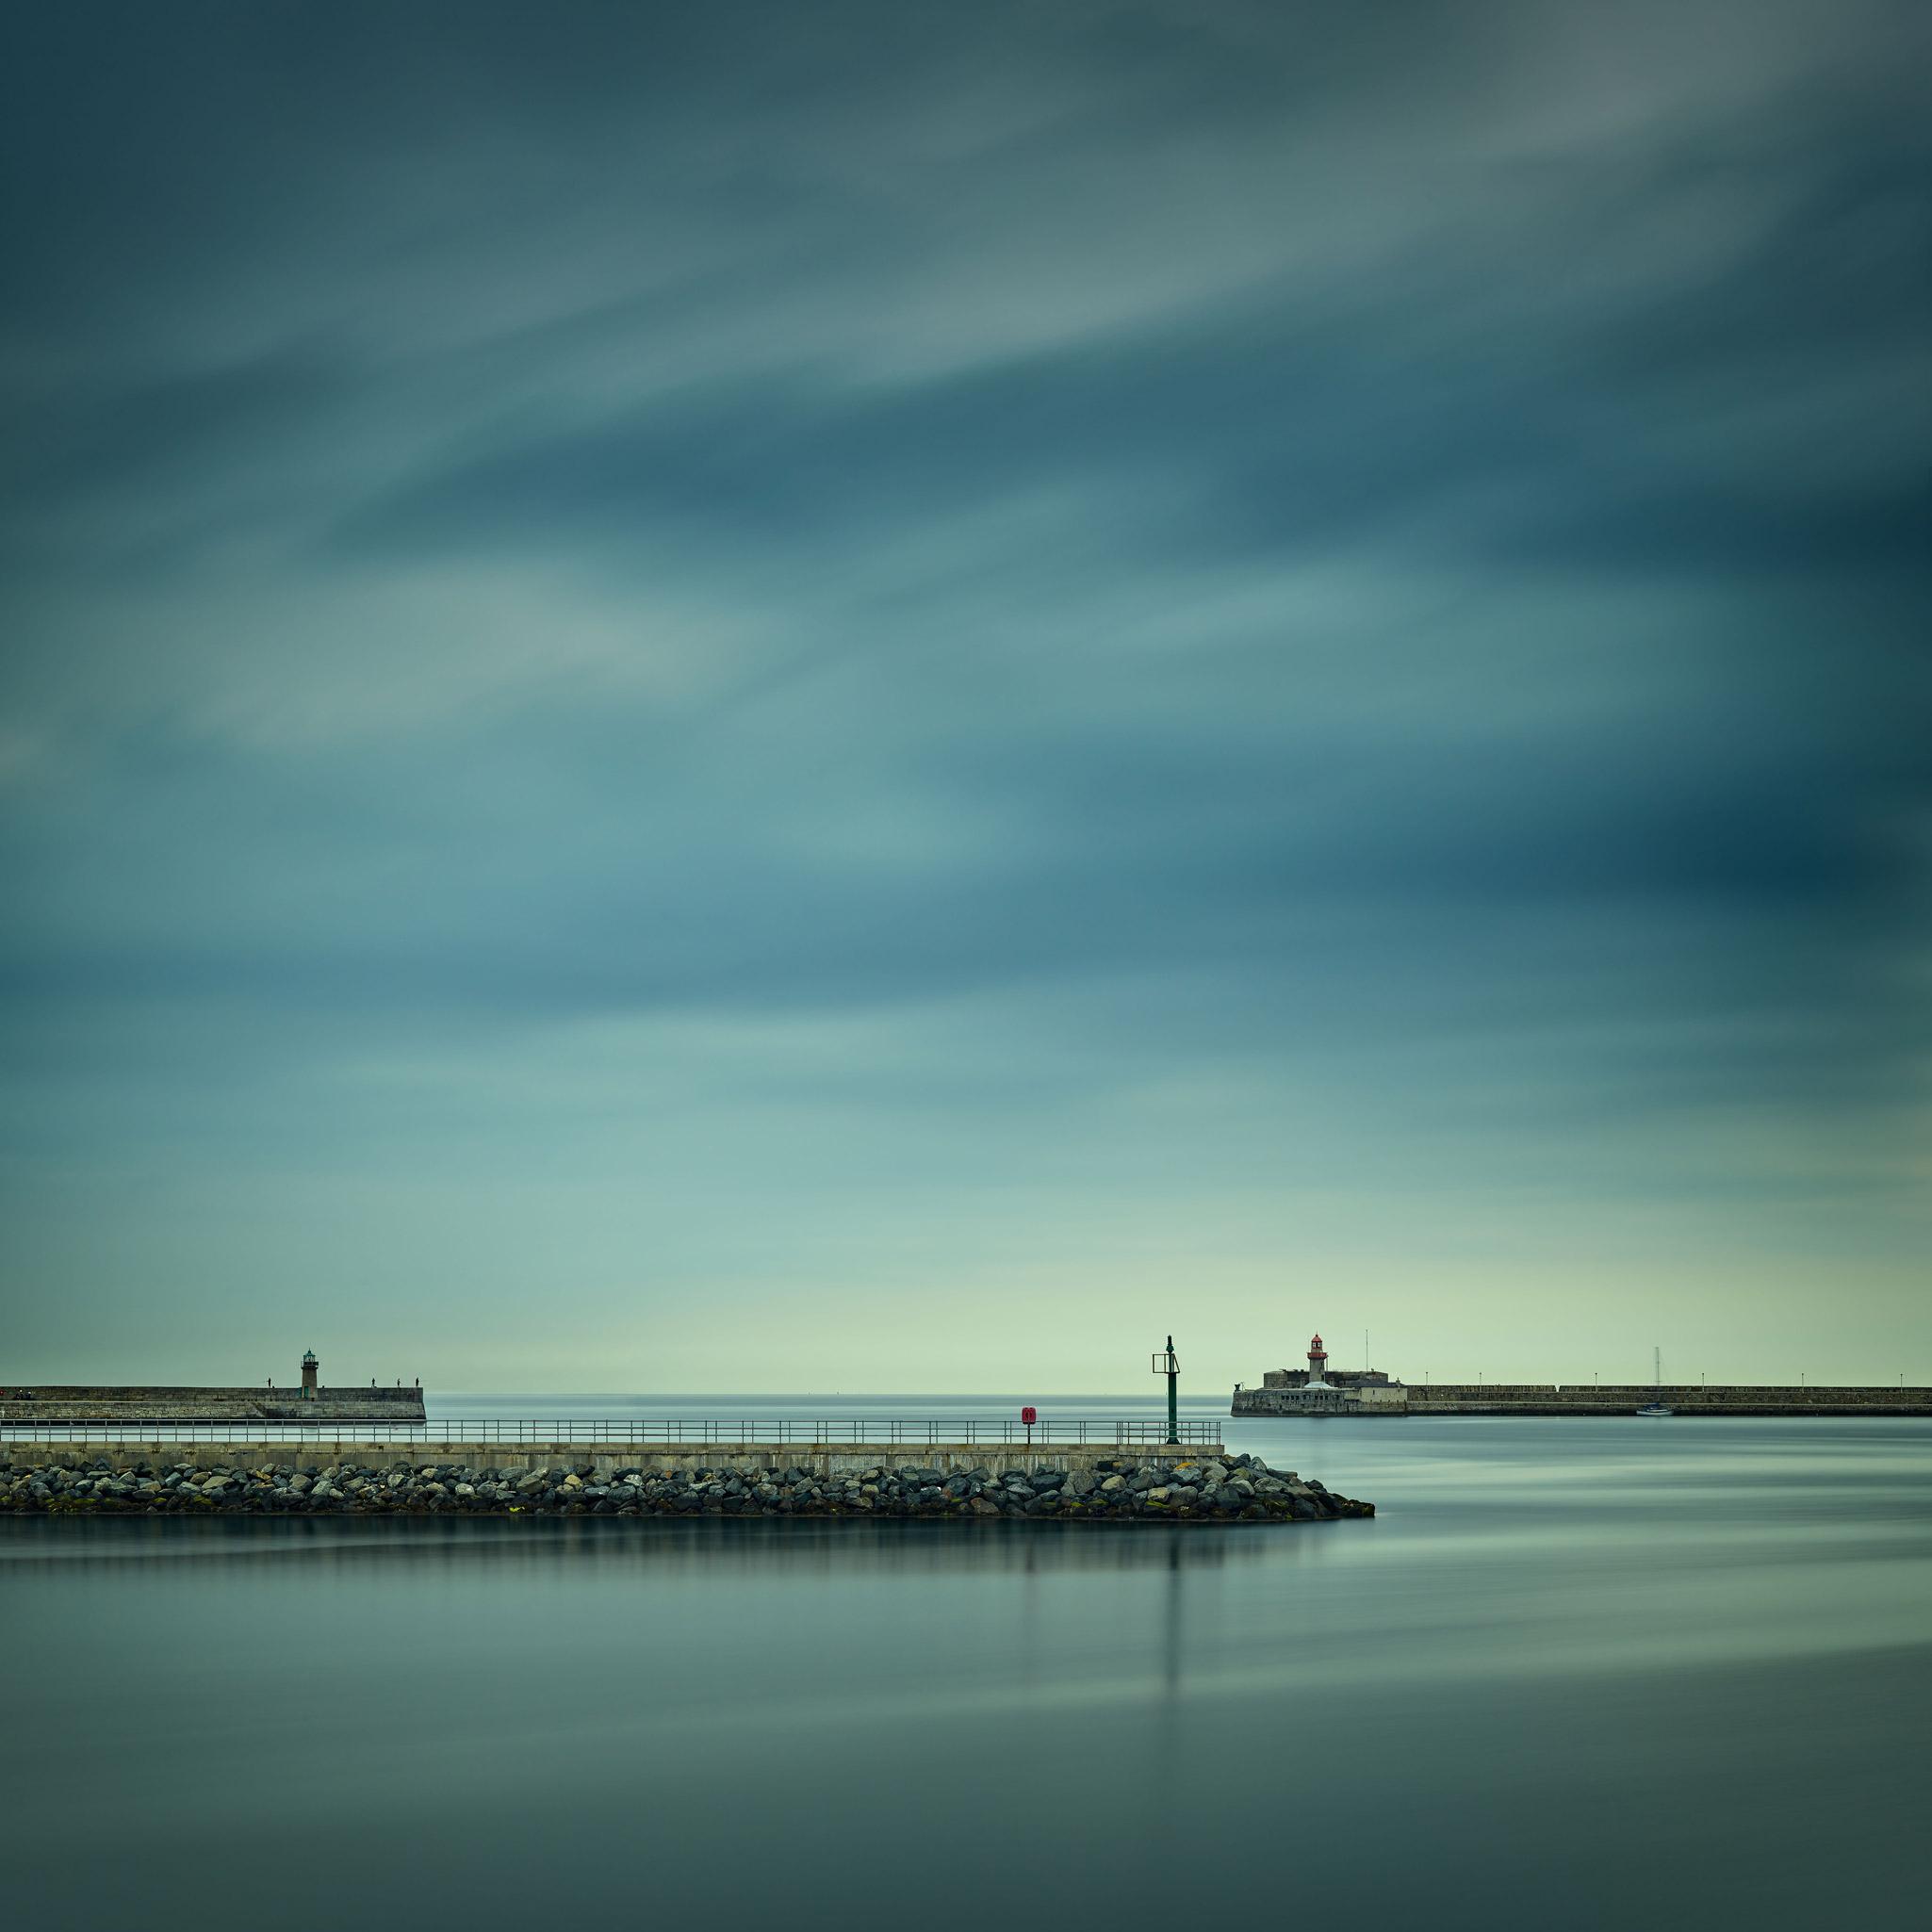 Dun Laoghaire Harbour Photo